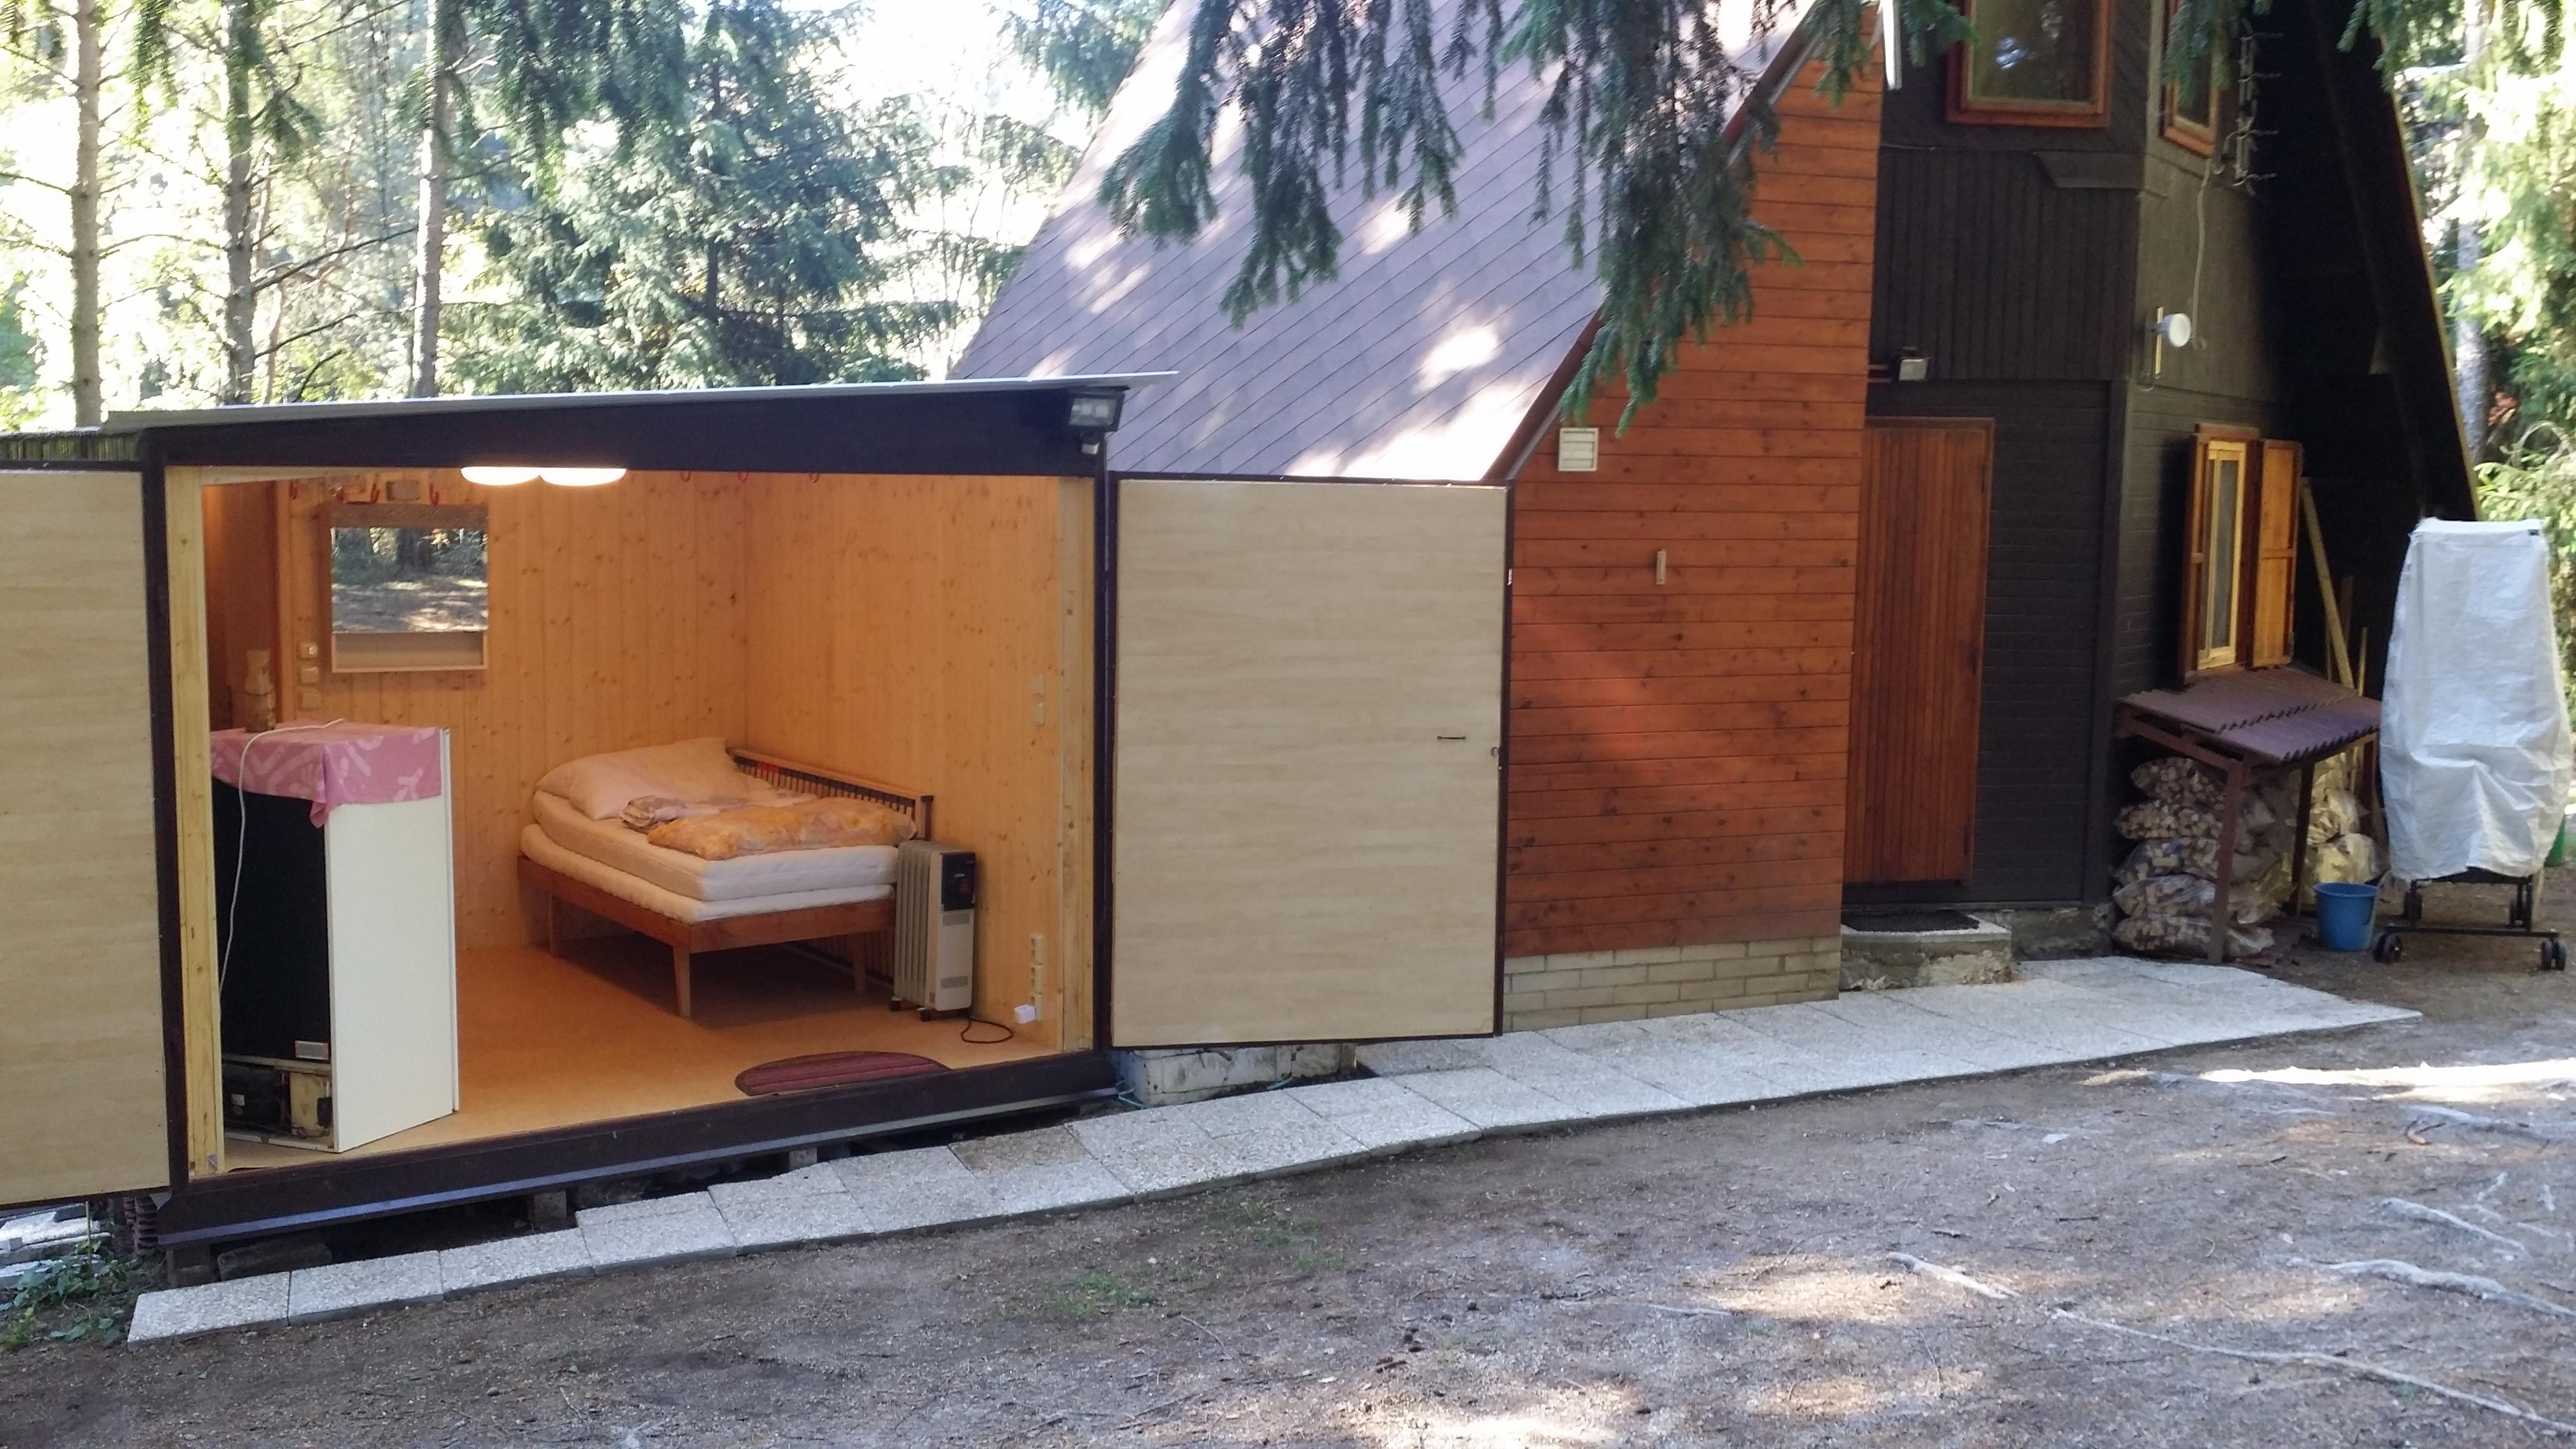 vedlejší budova se saunou a ložnicí